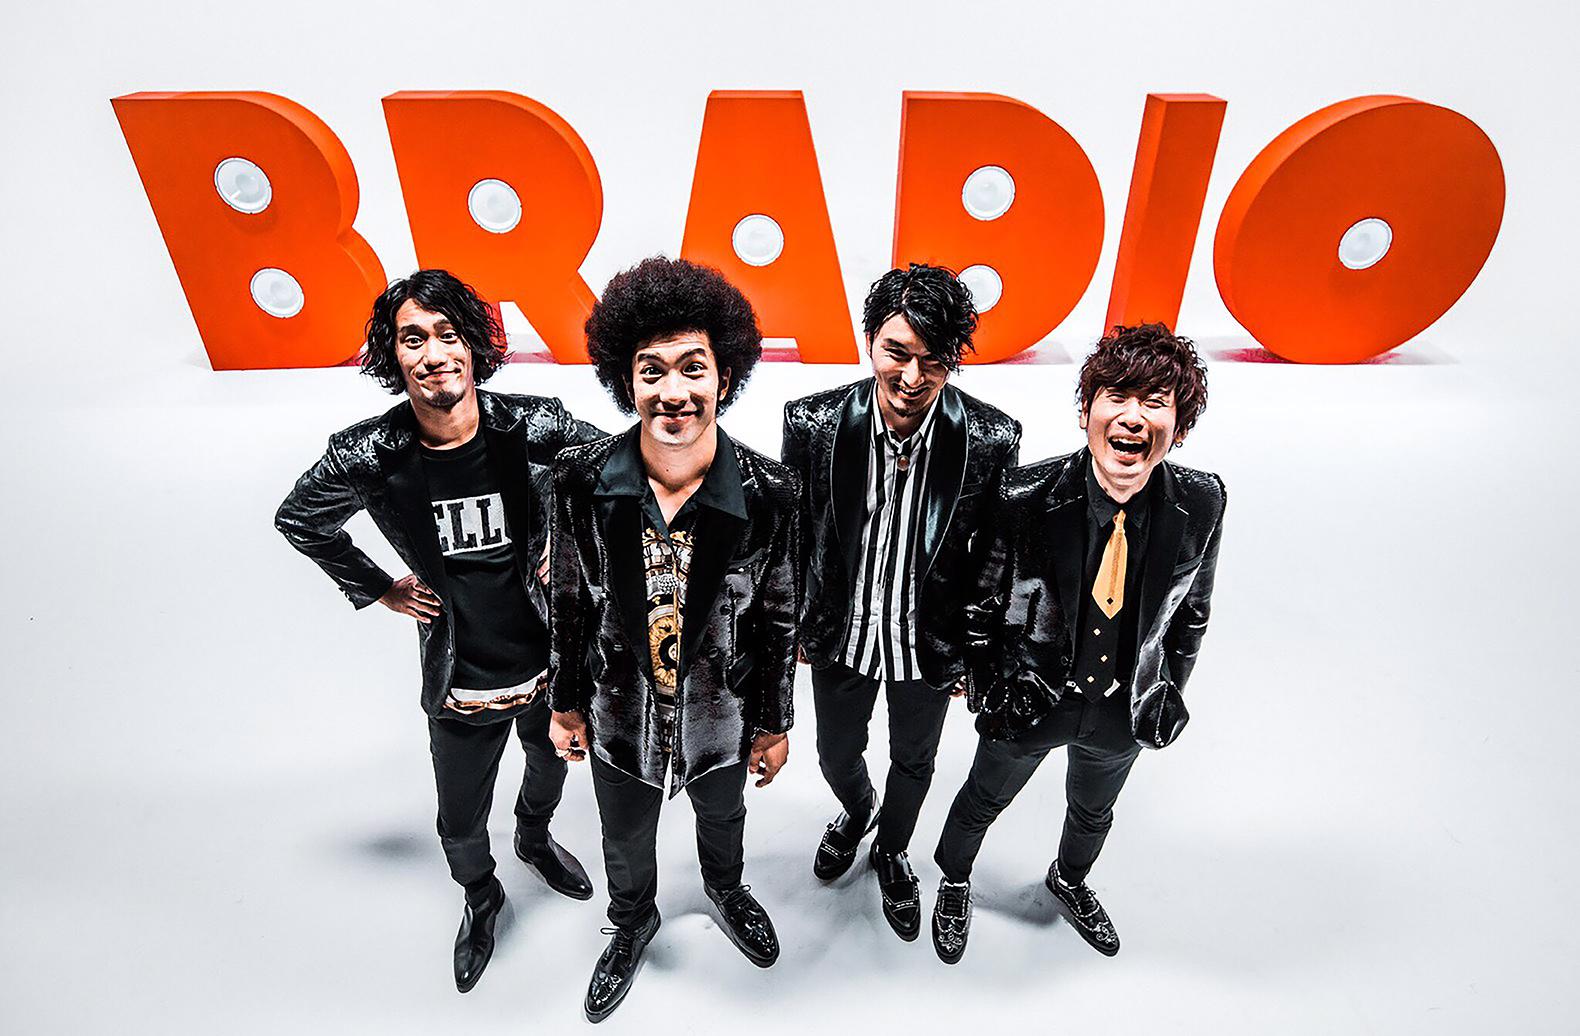 BRADIO メジャーデビュー第一弾シングル「LA PA PARADISE」音源解禁!リリイベも開催も决定!!